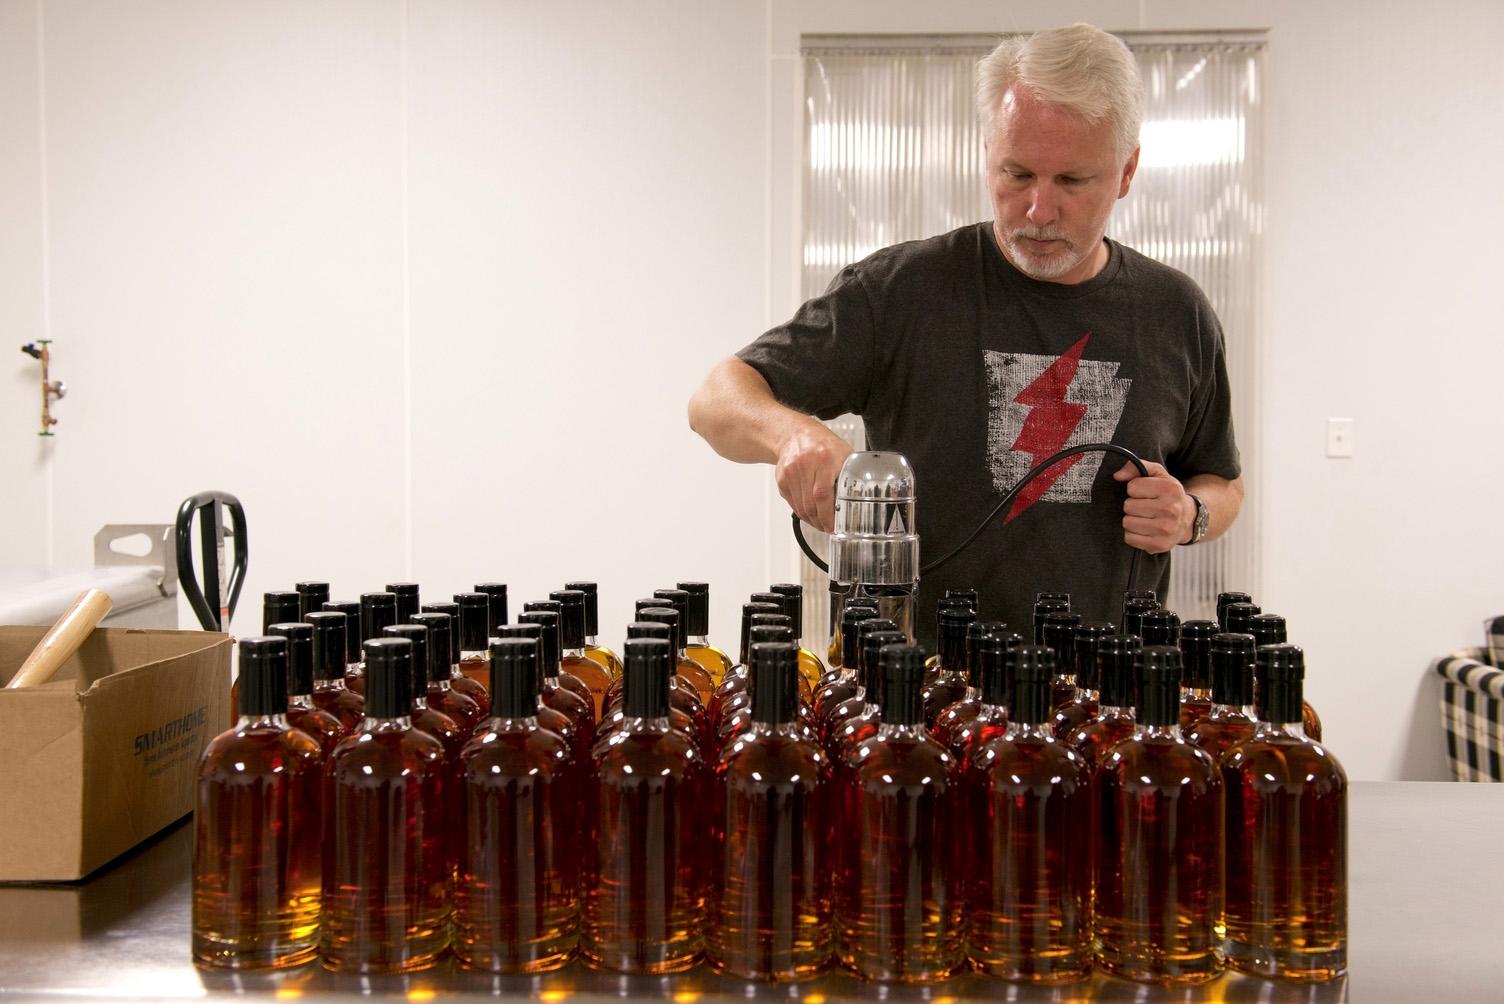 man filling liquor bottles in a distillery